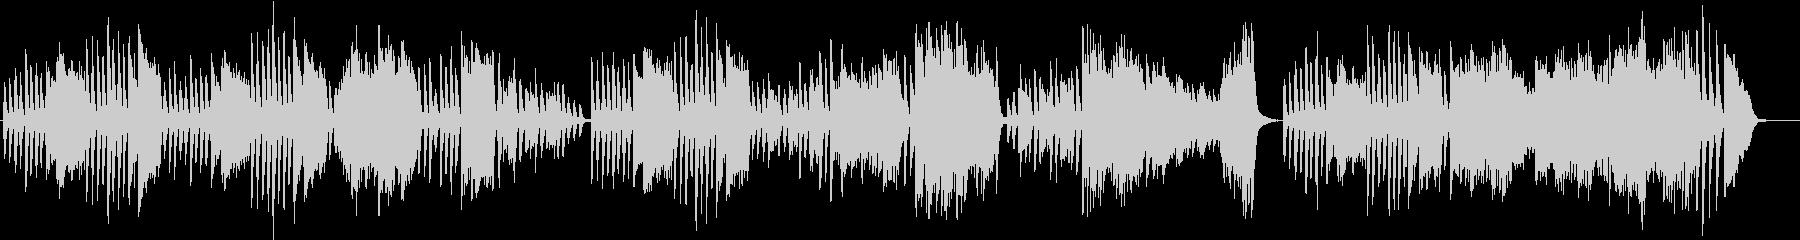 ピアノのレッスンで必ず弾くシンプルな名曲の未再生の波形